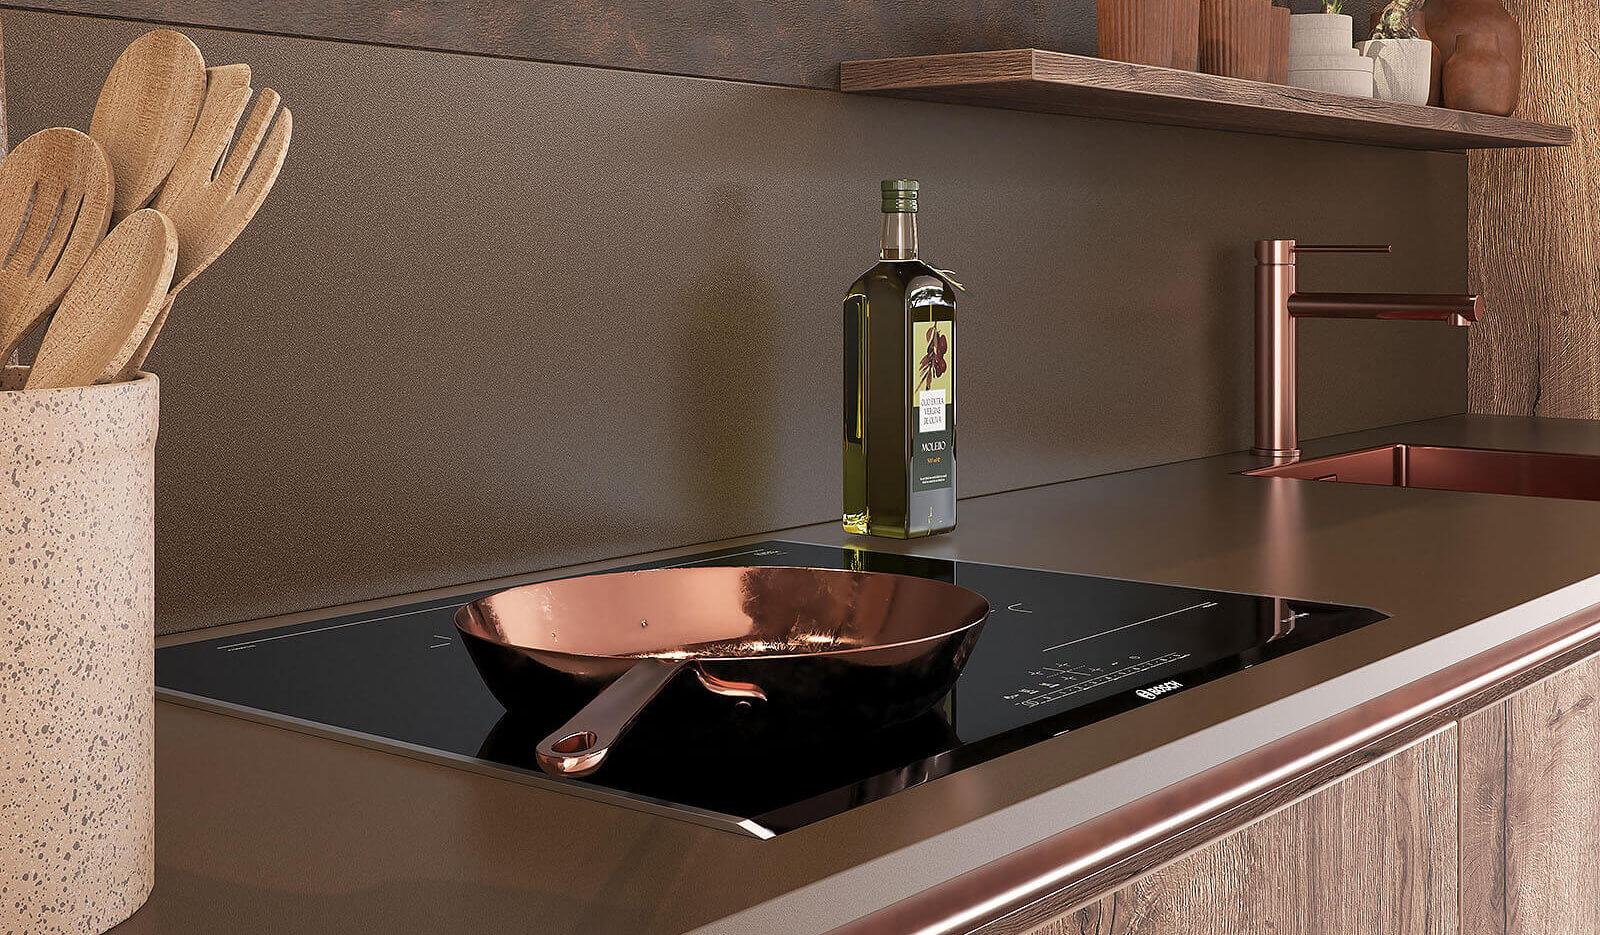 Keuken Jura wild eiken donker en Metallic koper - inductiekookplaat